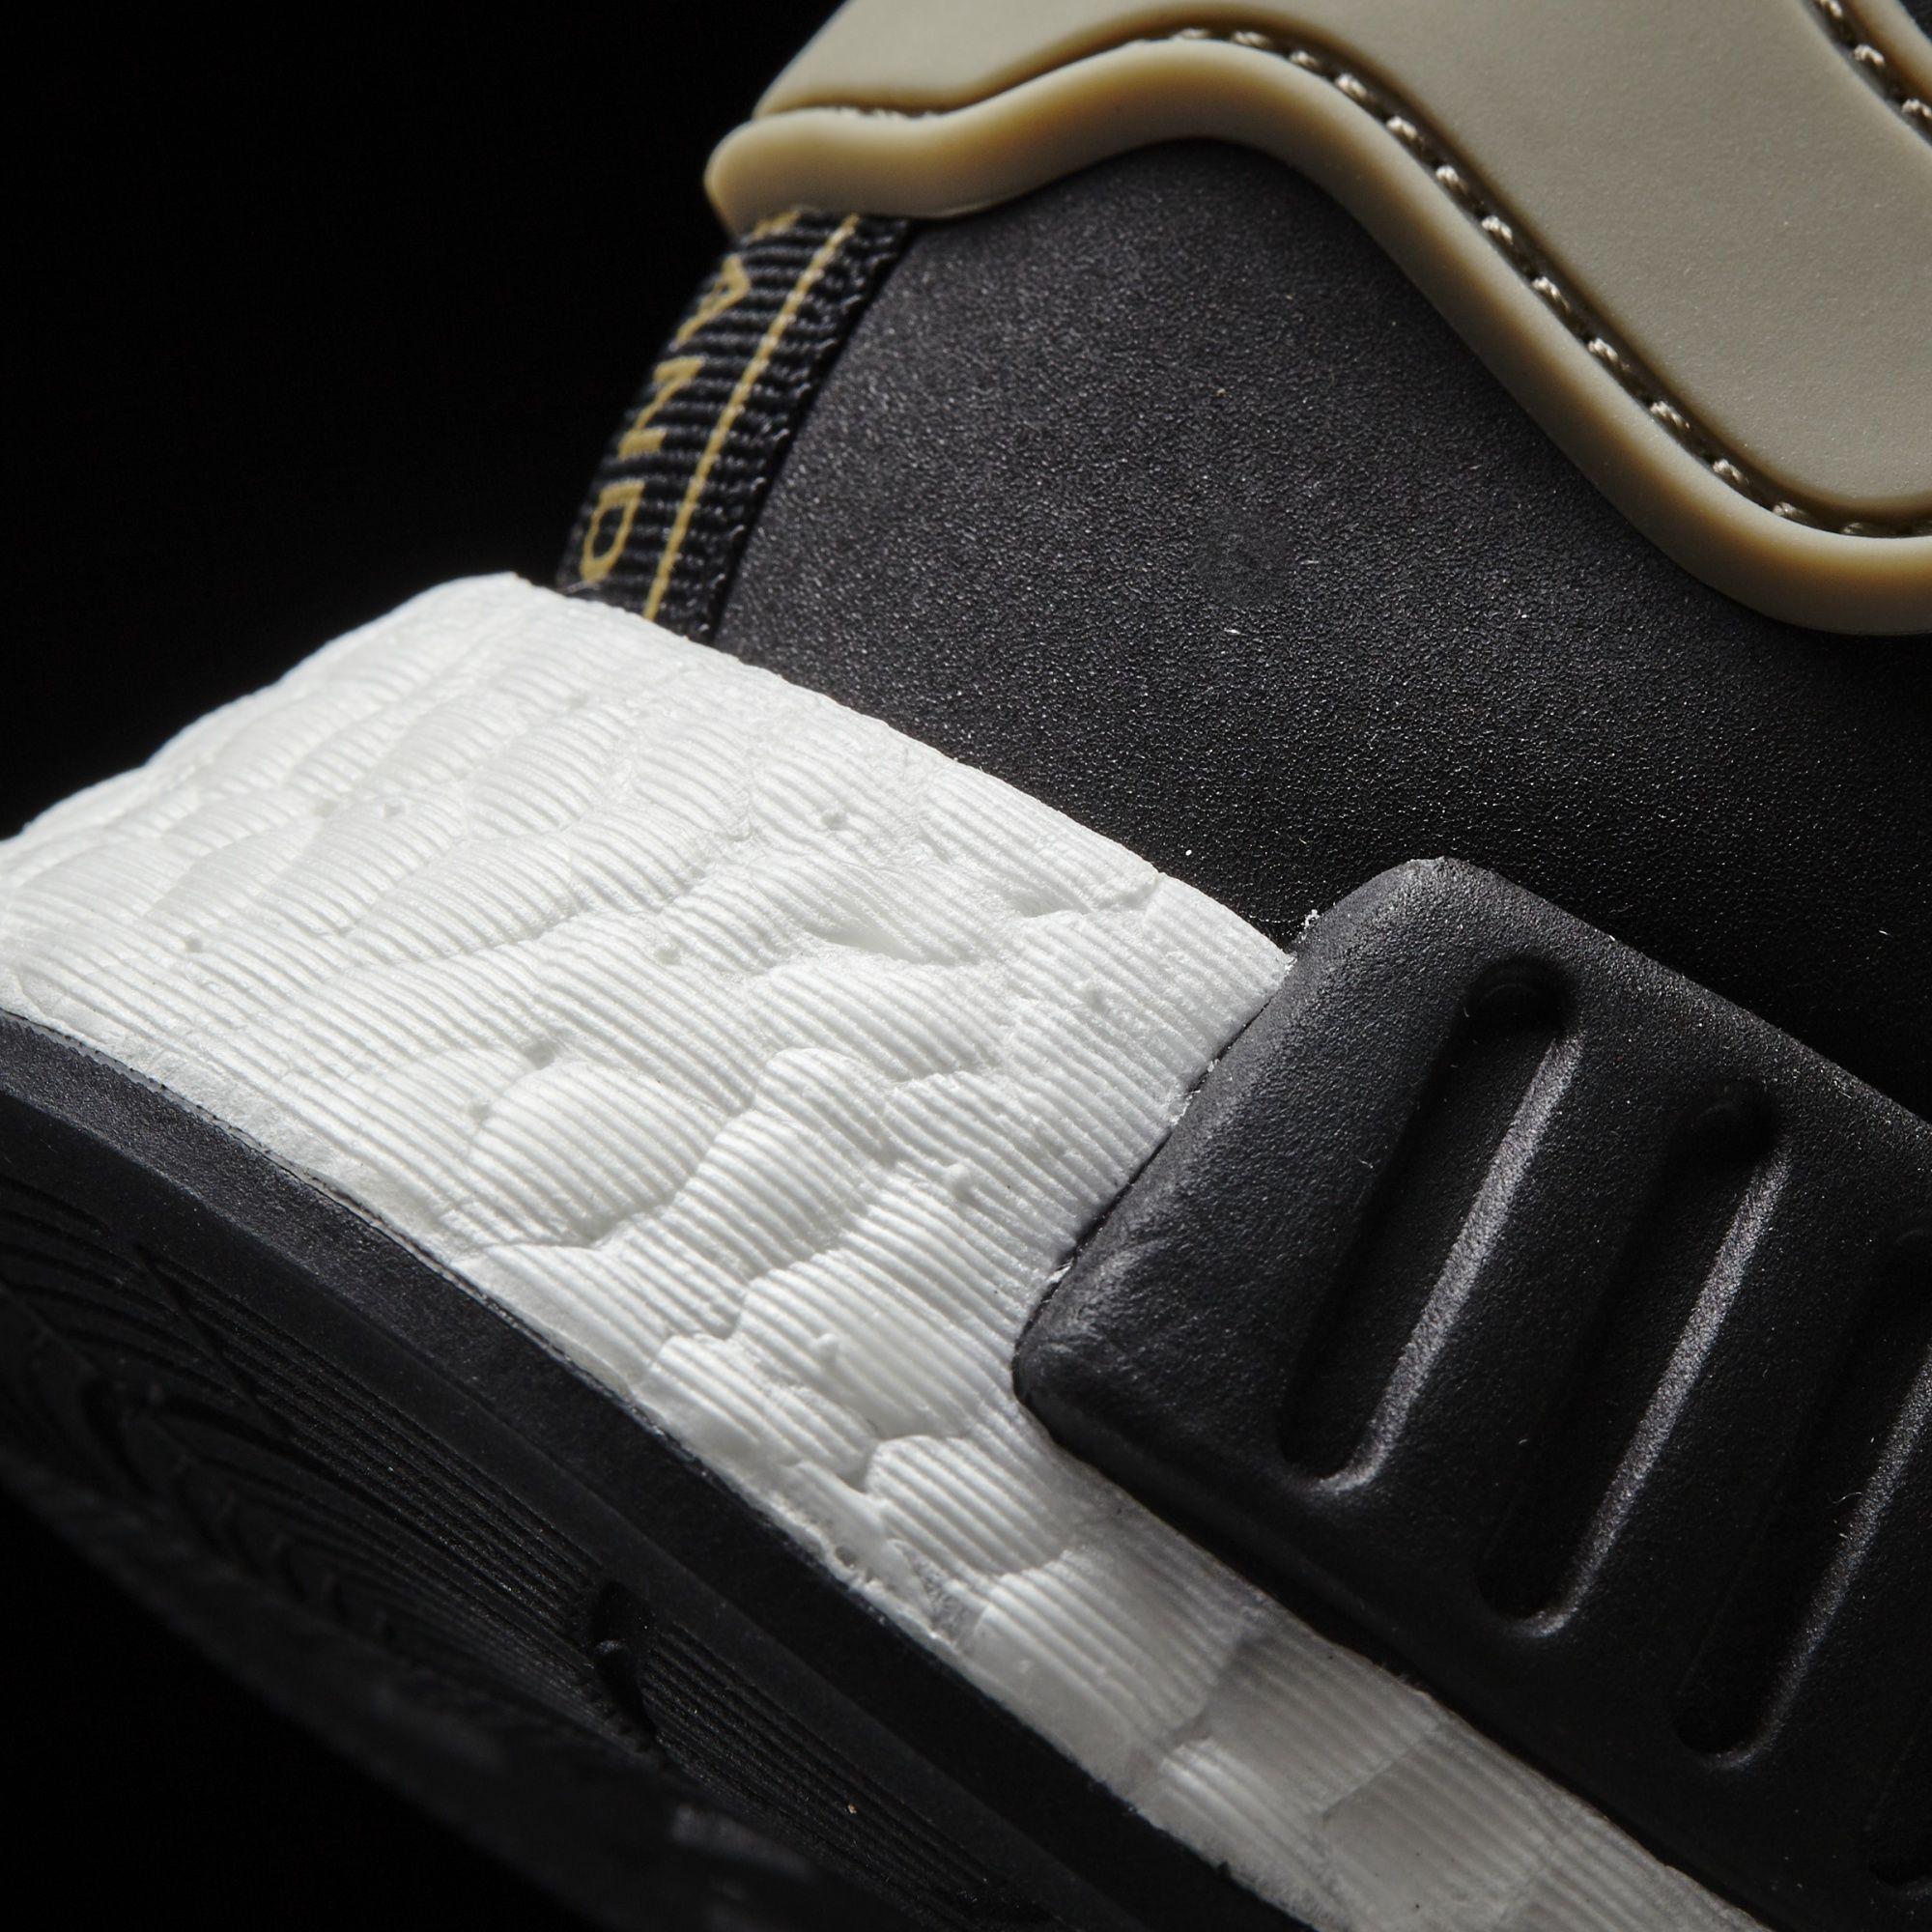 adidas NMD Black Cargo Heel BA7251